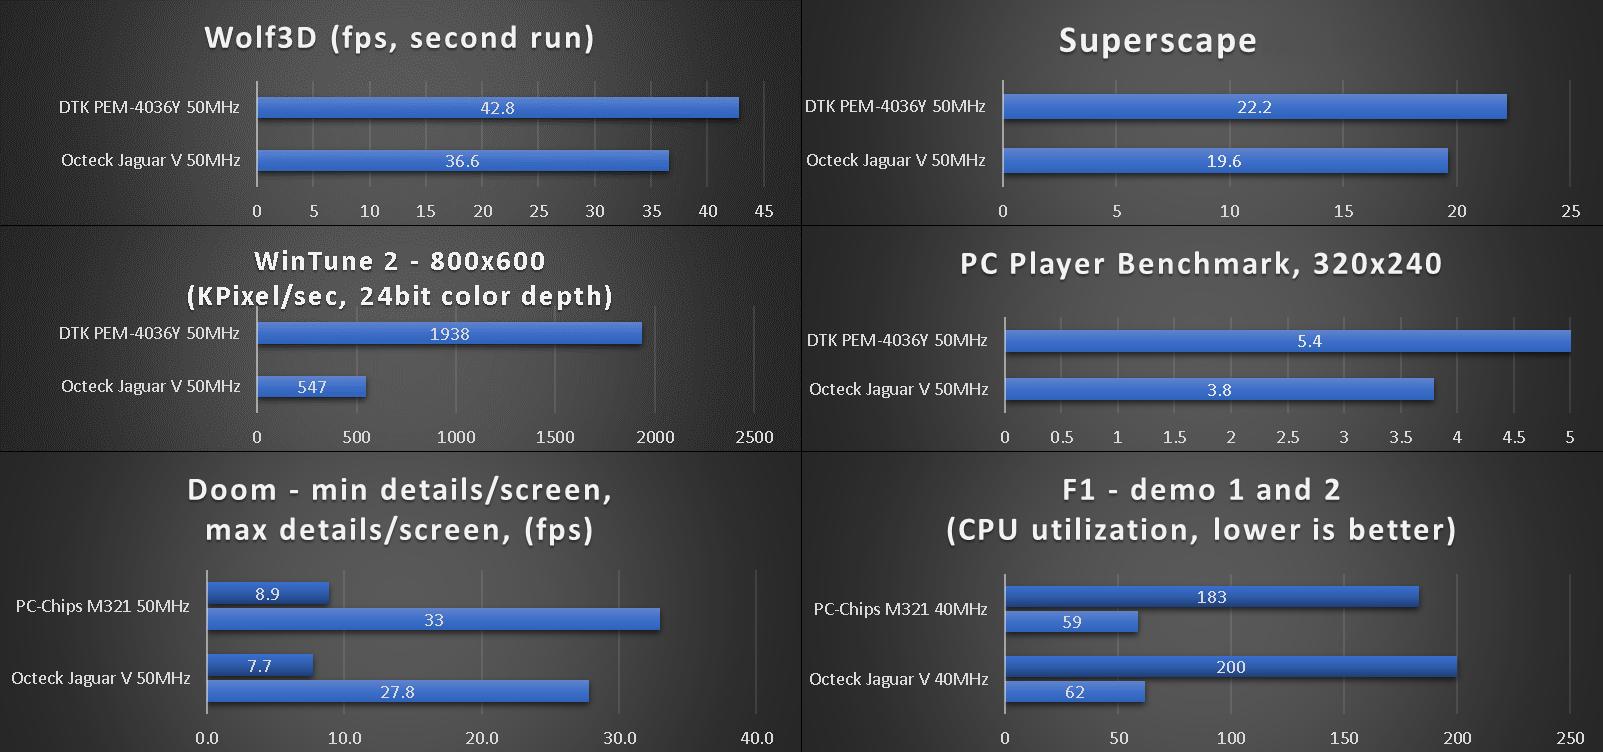 benchmarks_octeck_jaguar_v_50.png